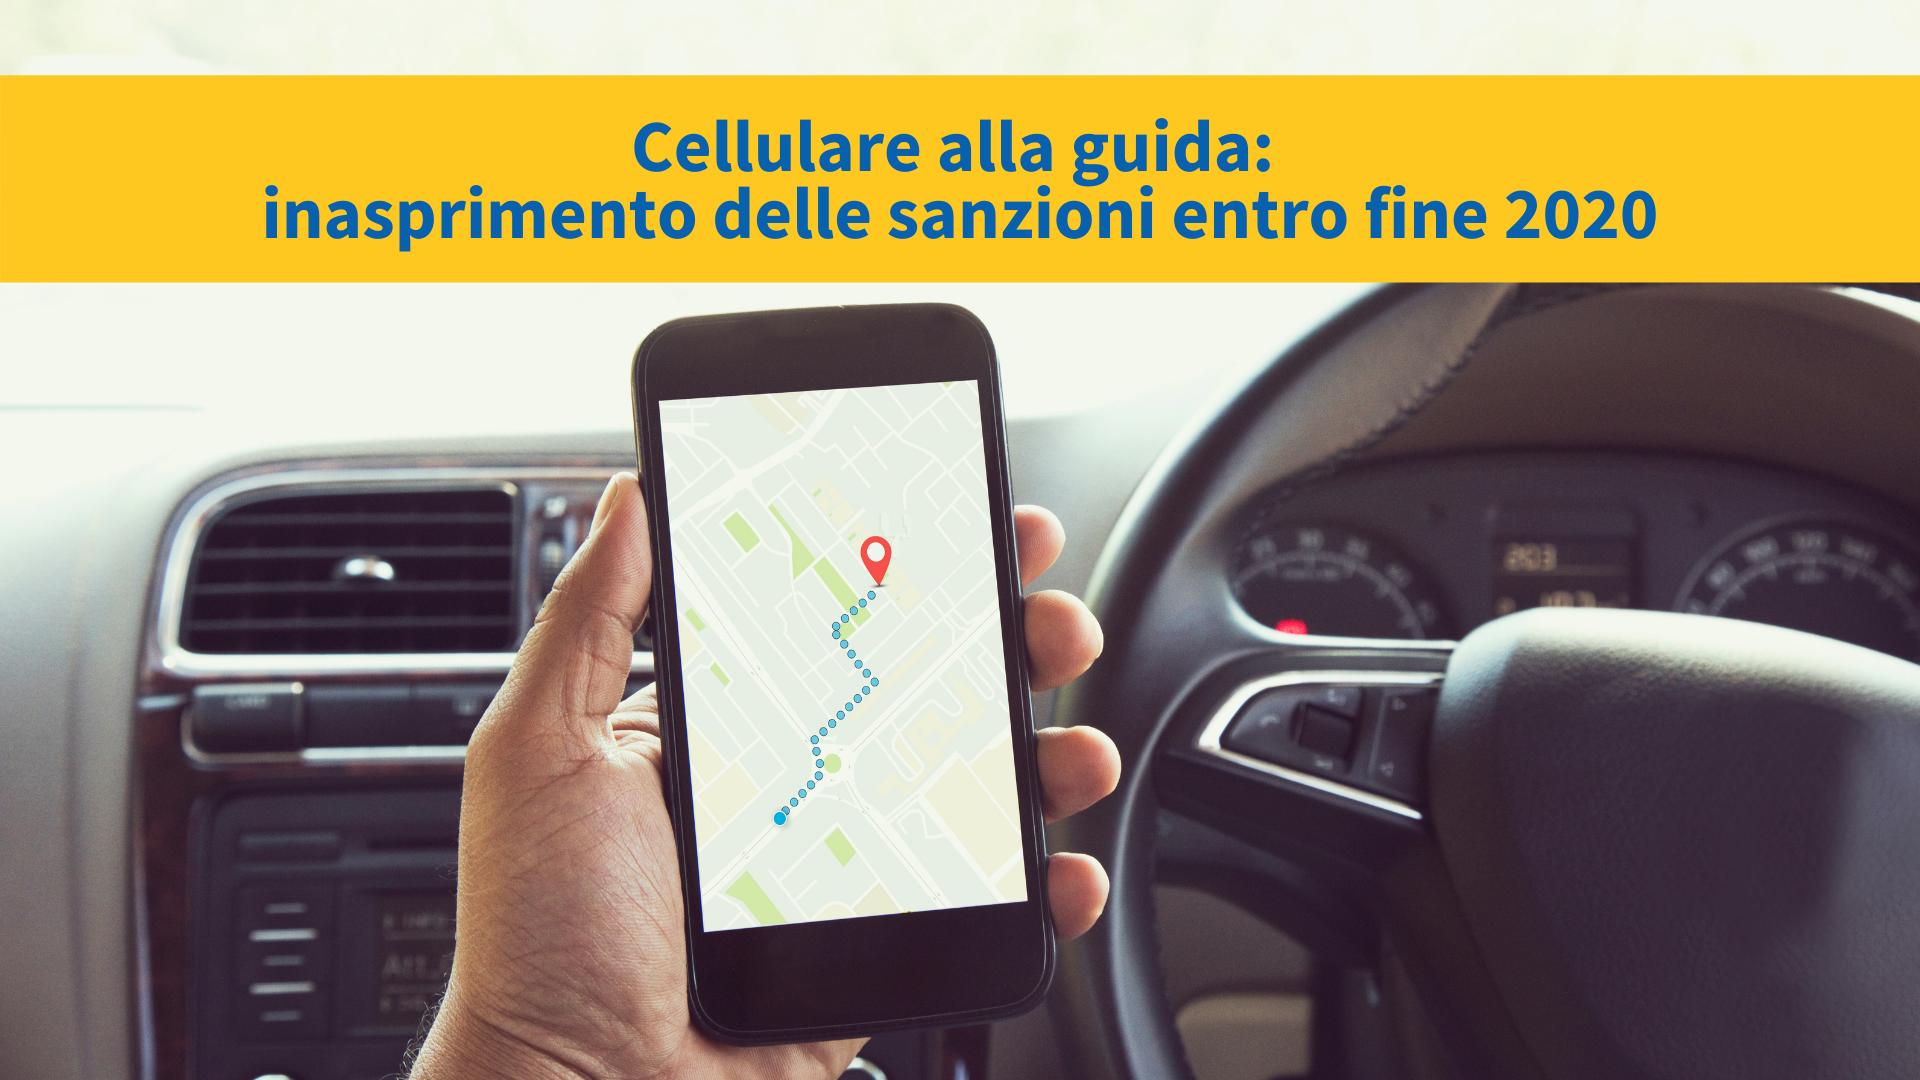 Guida con cellulare: rischi, sanzioni e le novità del Codice della Strada